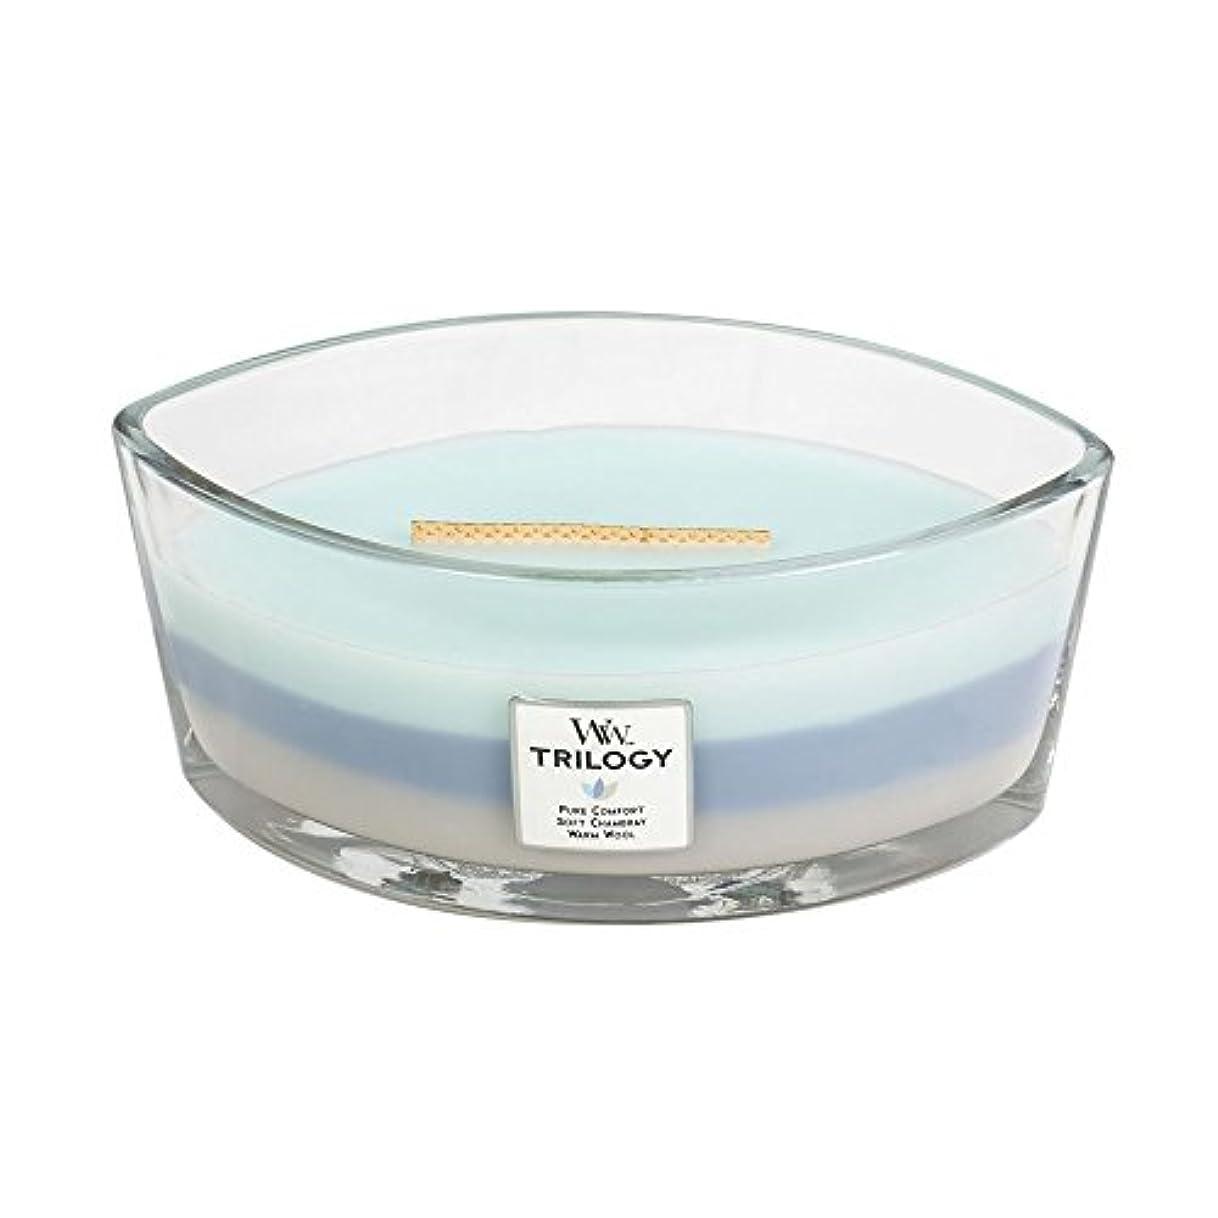 規則性作成者かき混ぜるWoodWick Trilogy WOVEN COMFORTS, 3-in-1 Highly Scented Candle, Ellipse Glass Jar with Original HearthWick Flame...